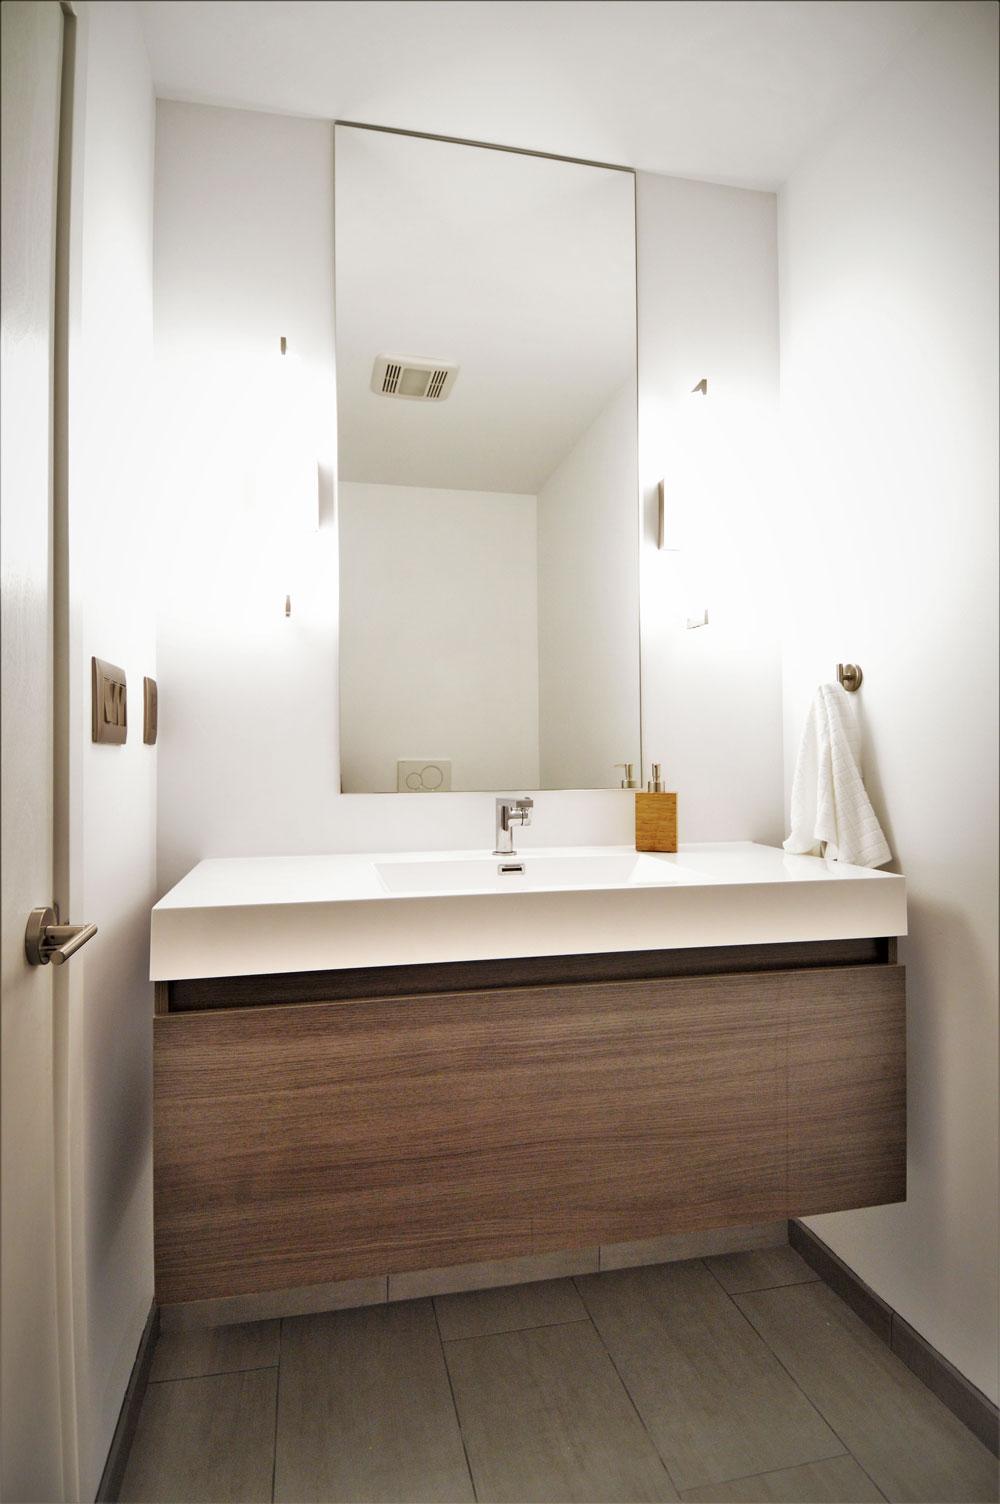 modernsink_bathroom.jpg